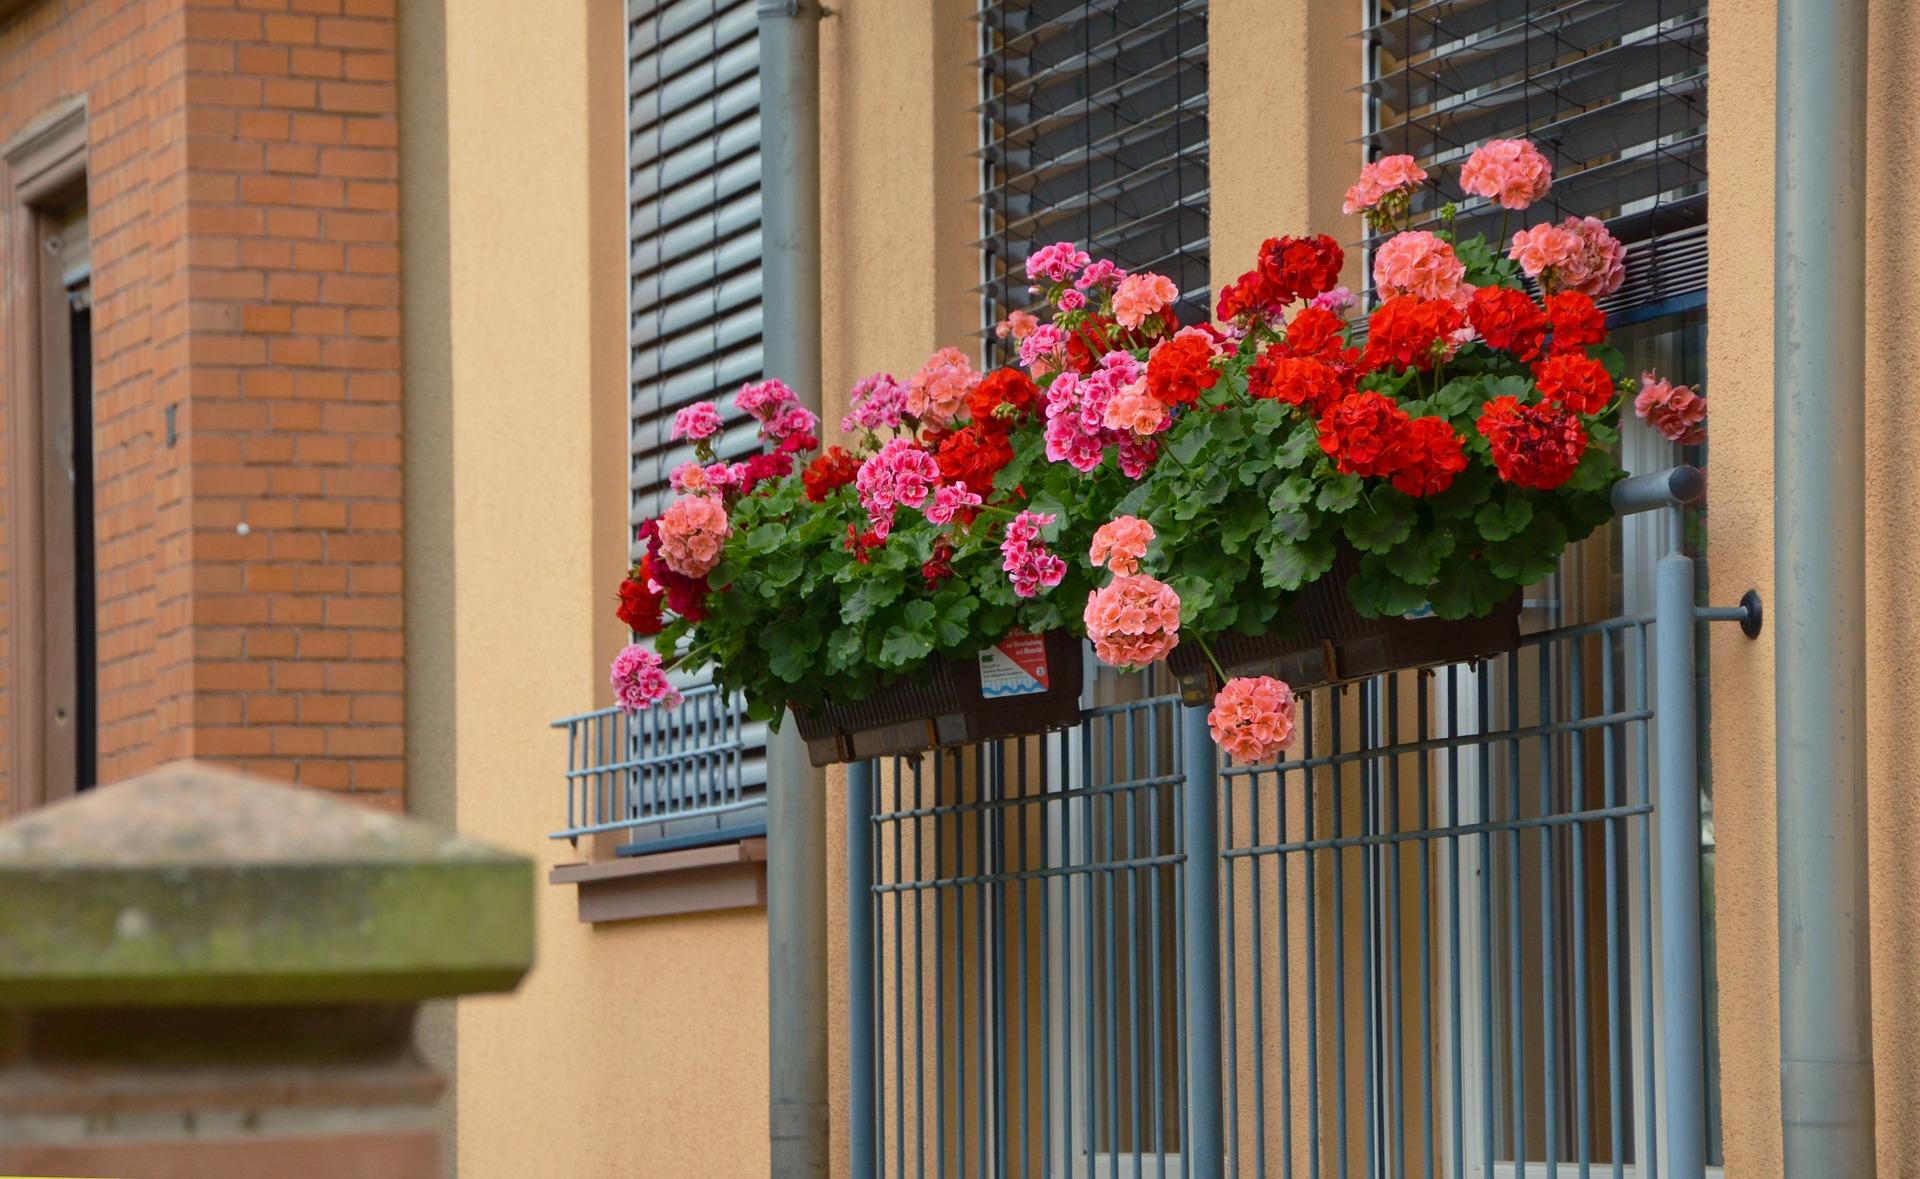 piante da balcone - come avere il balcone fiorito tutto l'anno